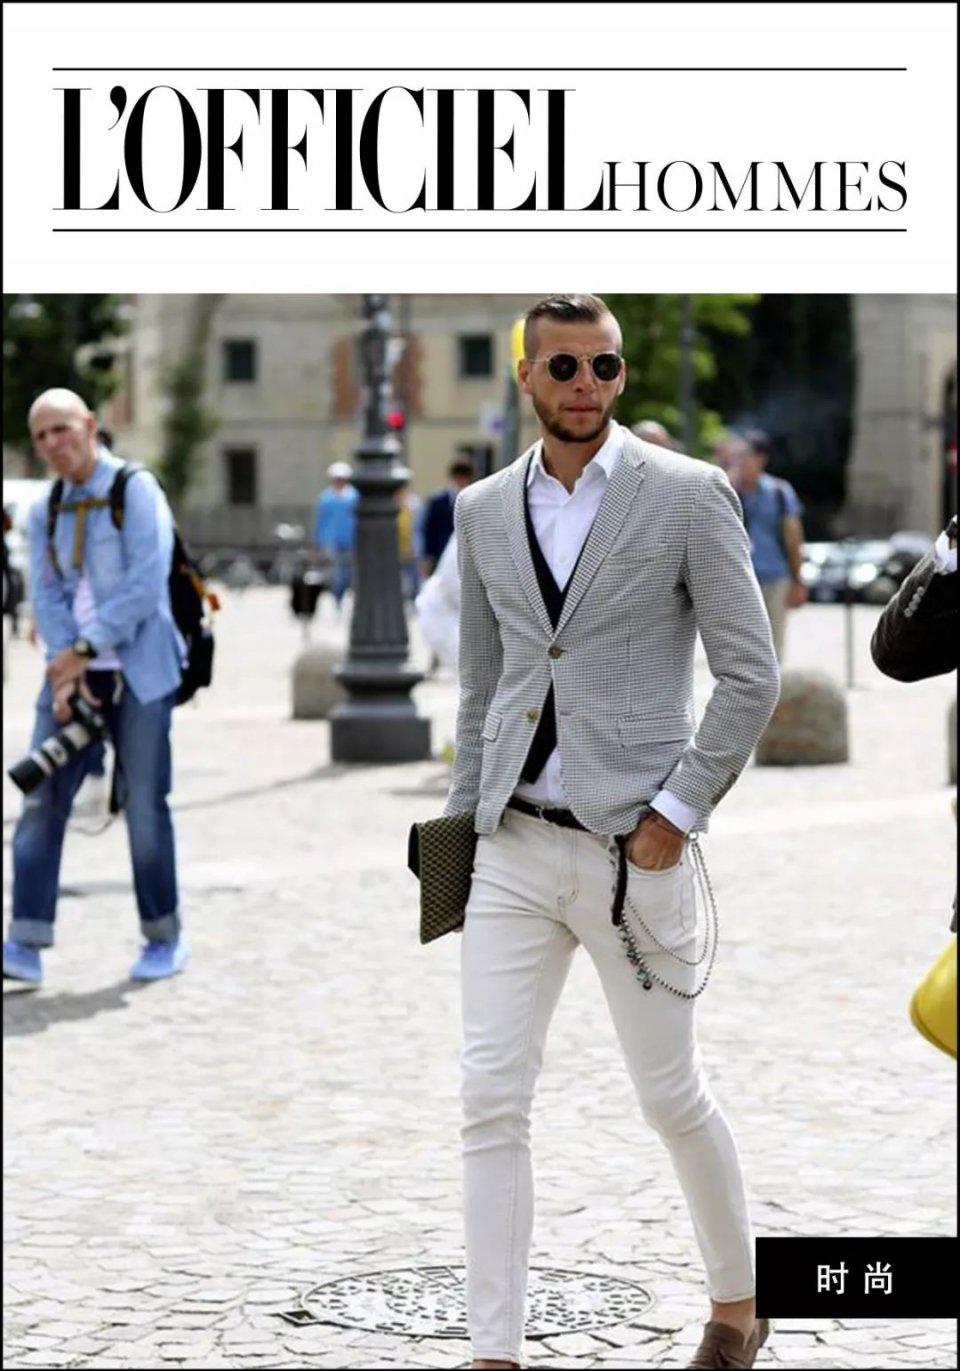 为什么不爱穿白裤子?怕脏吗?(脏了也值)